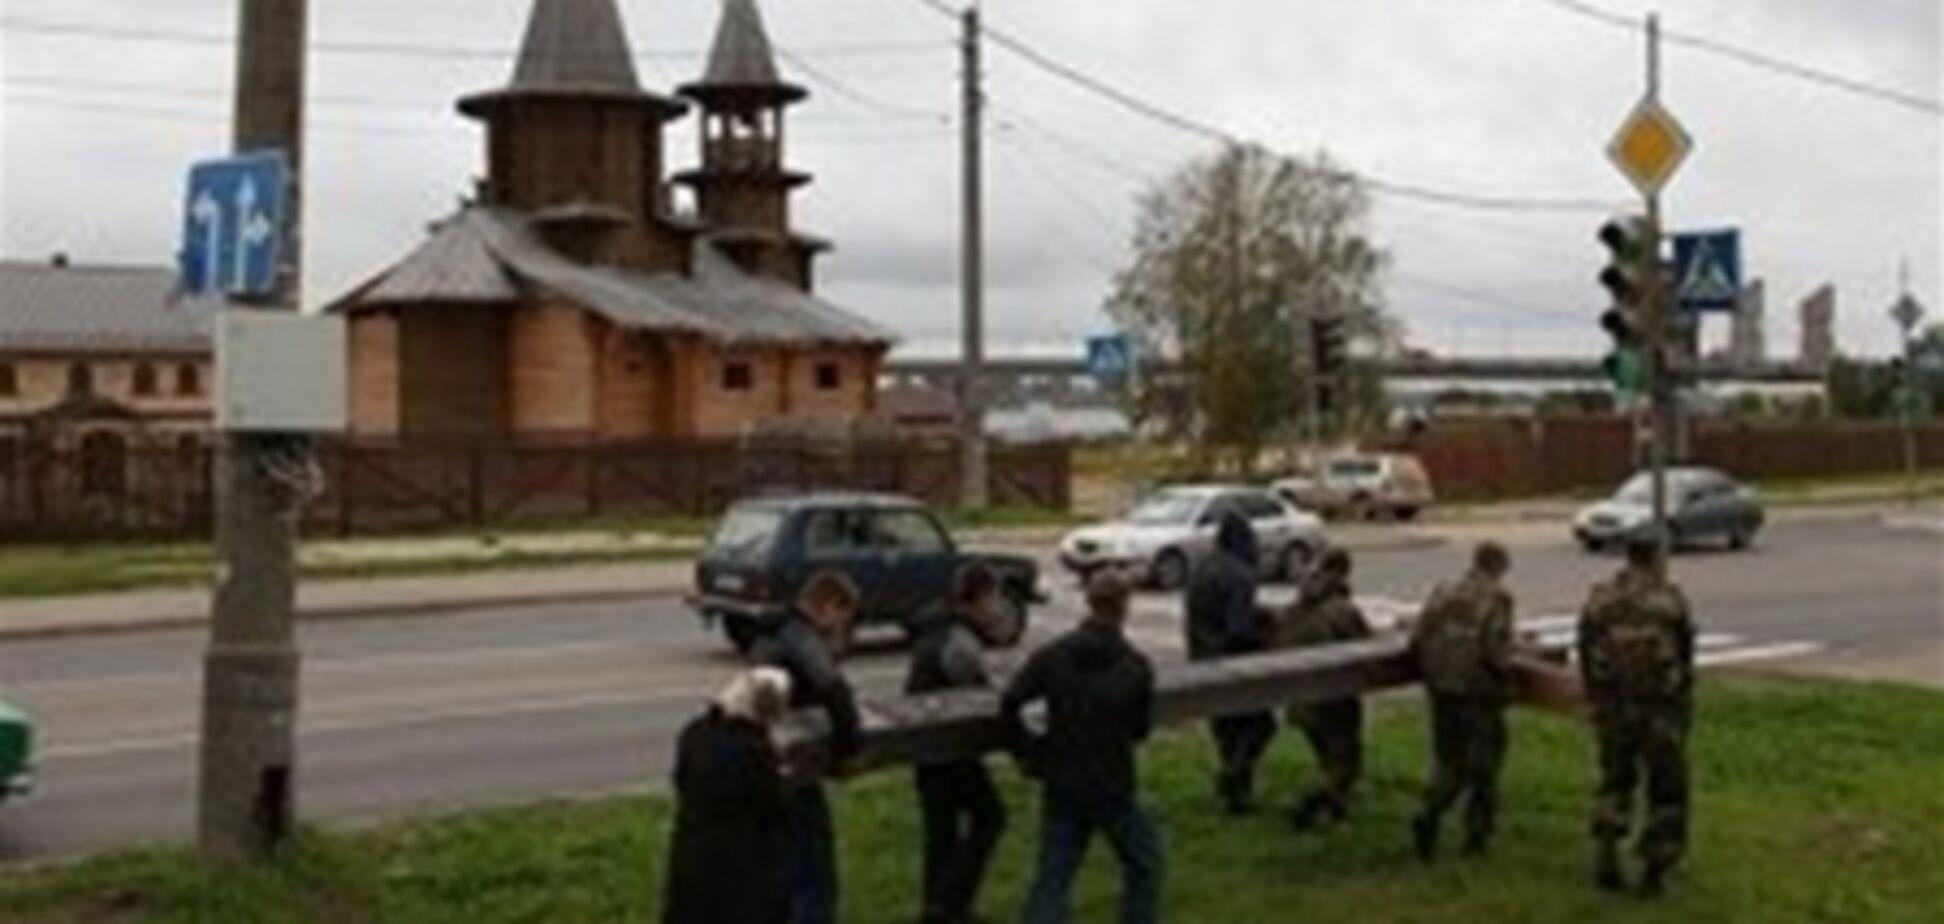 Церковь призывает наказать осквернителей крестов так, чтобы неповадно было